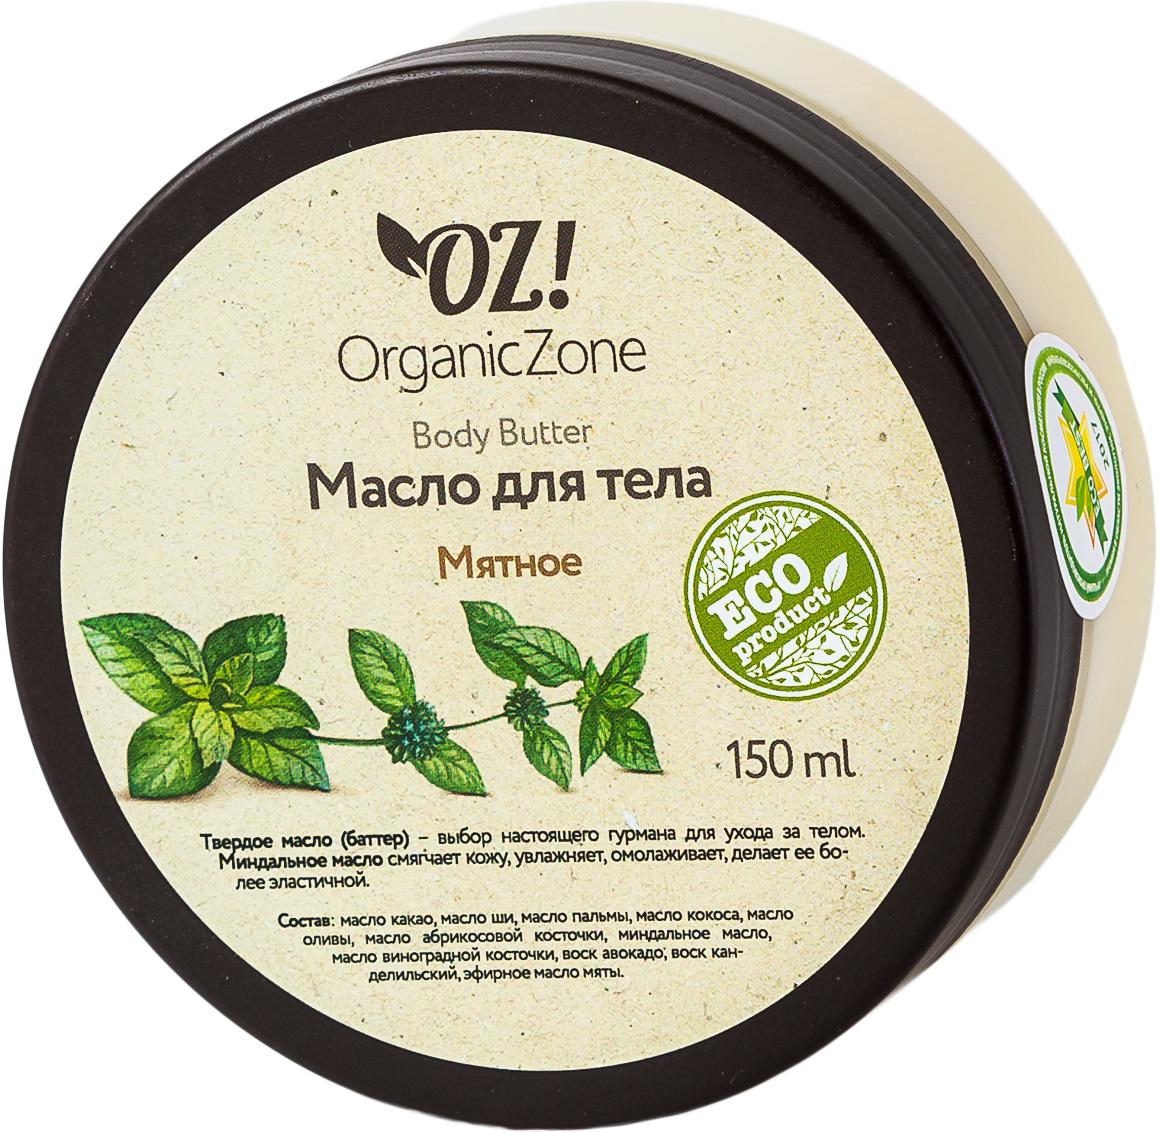 OrganicZone Баттер для тела Мятный, 150 мл4665301124570Миндальное масло смягчает кожу, увлажняет, омолаживает, делает ее более эластичной.